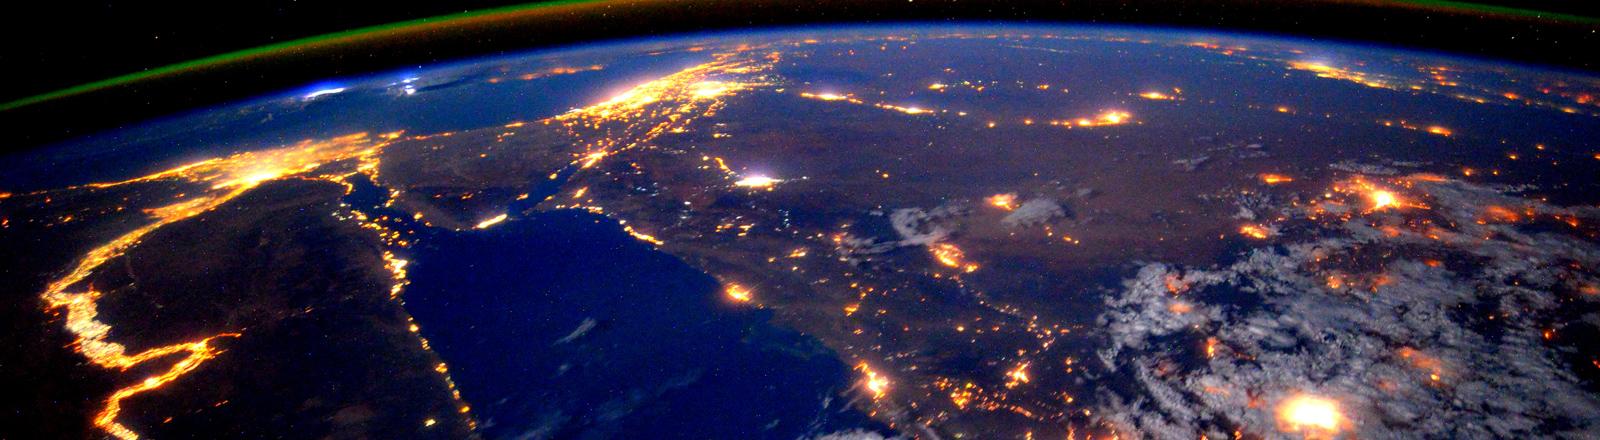 Das Nildelta bei Nacht